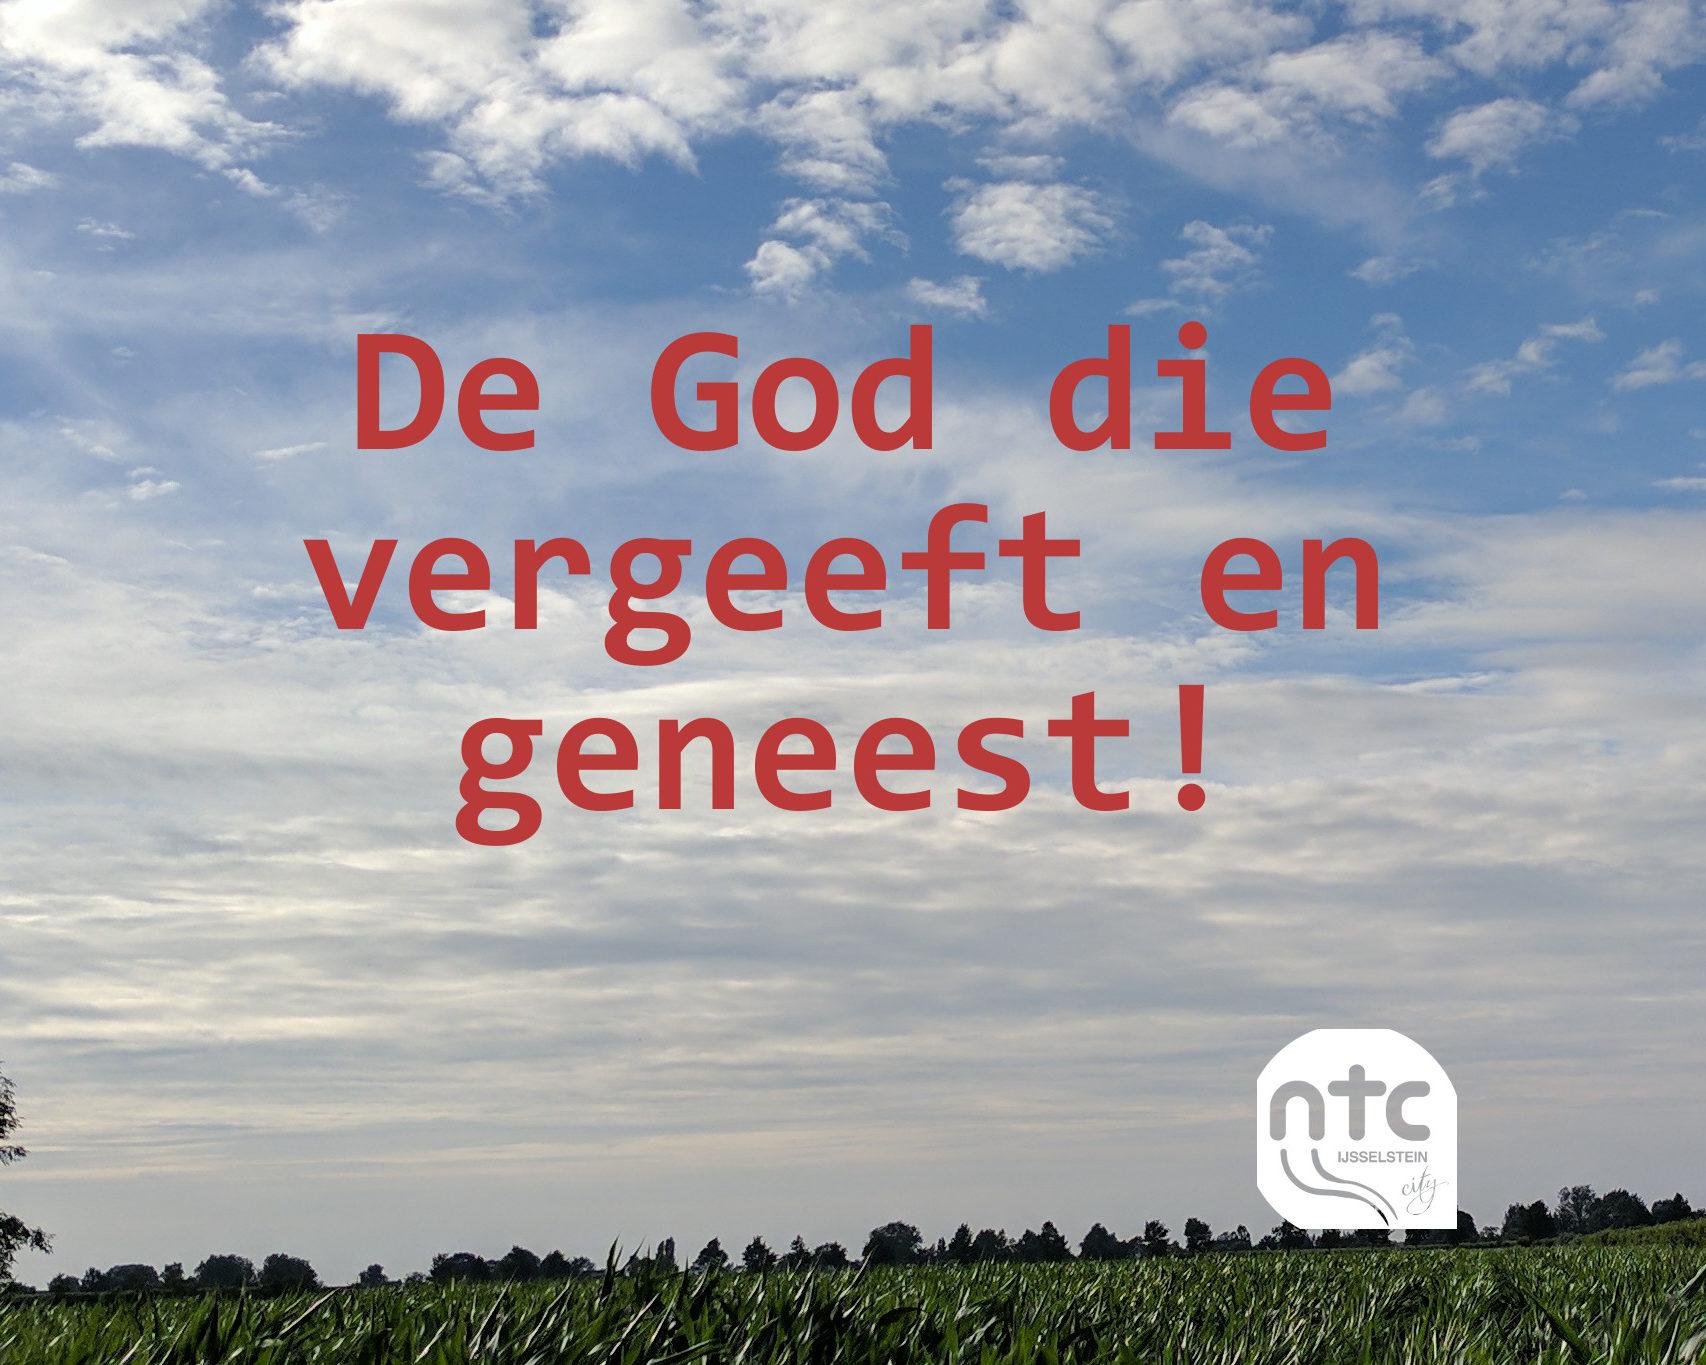 De God die vergeeft en geneest!